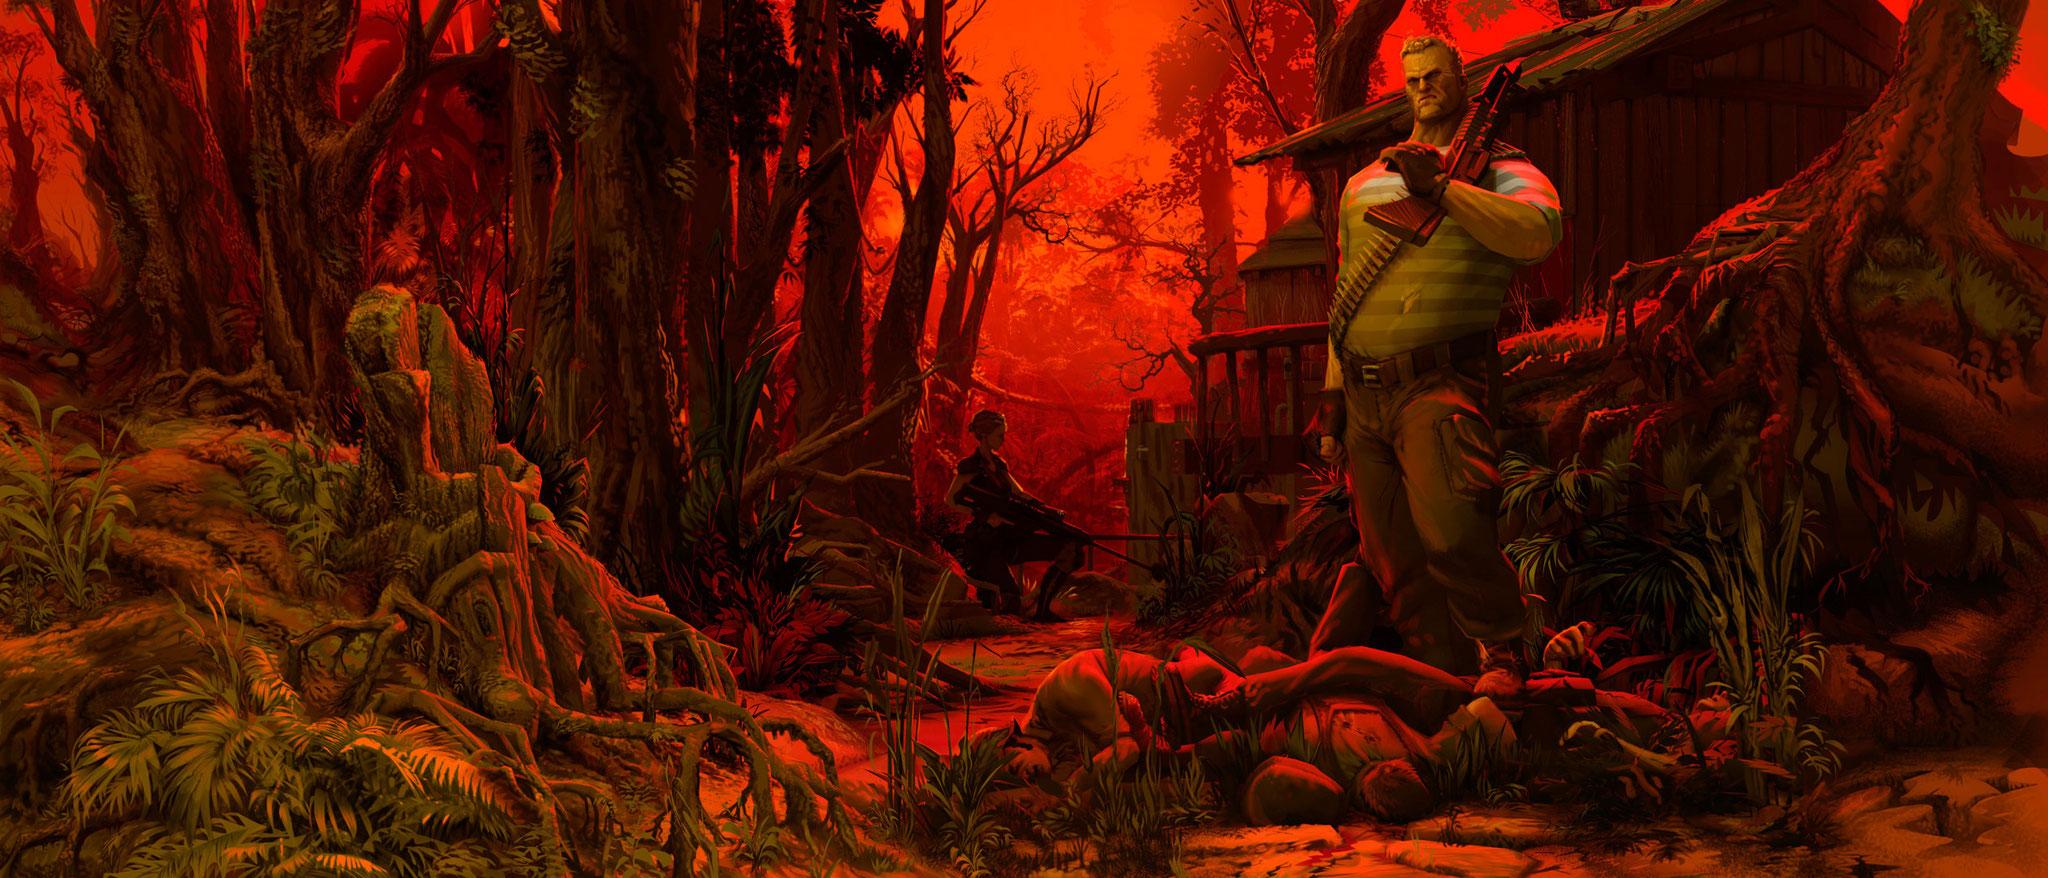 """Die alten """"Jagged Alliance""""-Games waren noch handgepixelt, doch mittlerweile hat sich der visuelle Stil des Abenteuers dramatisch verändert."""